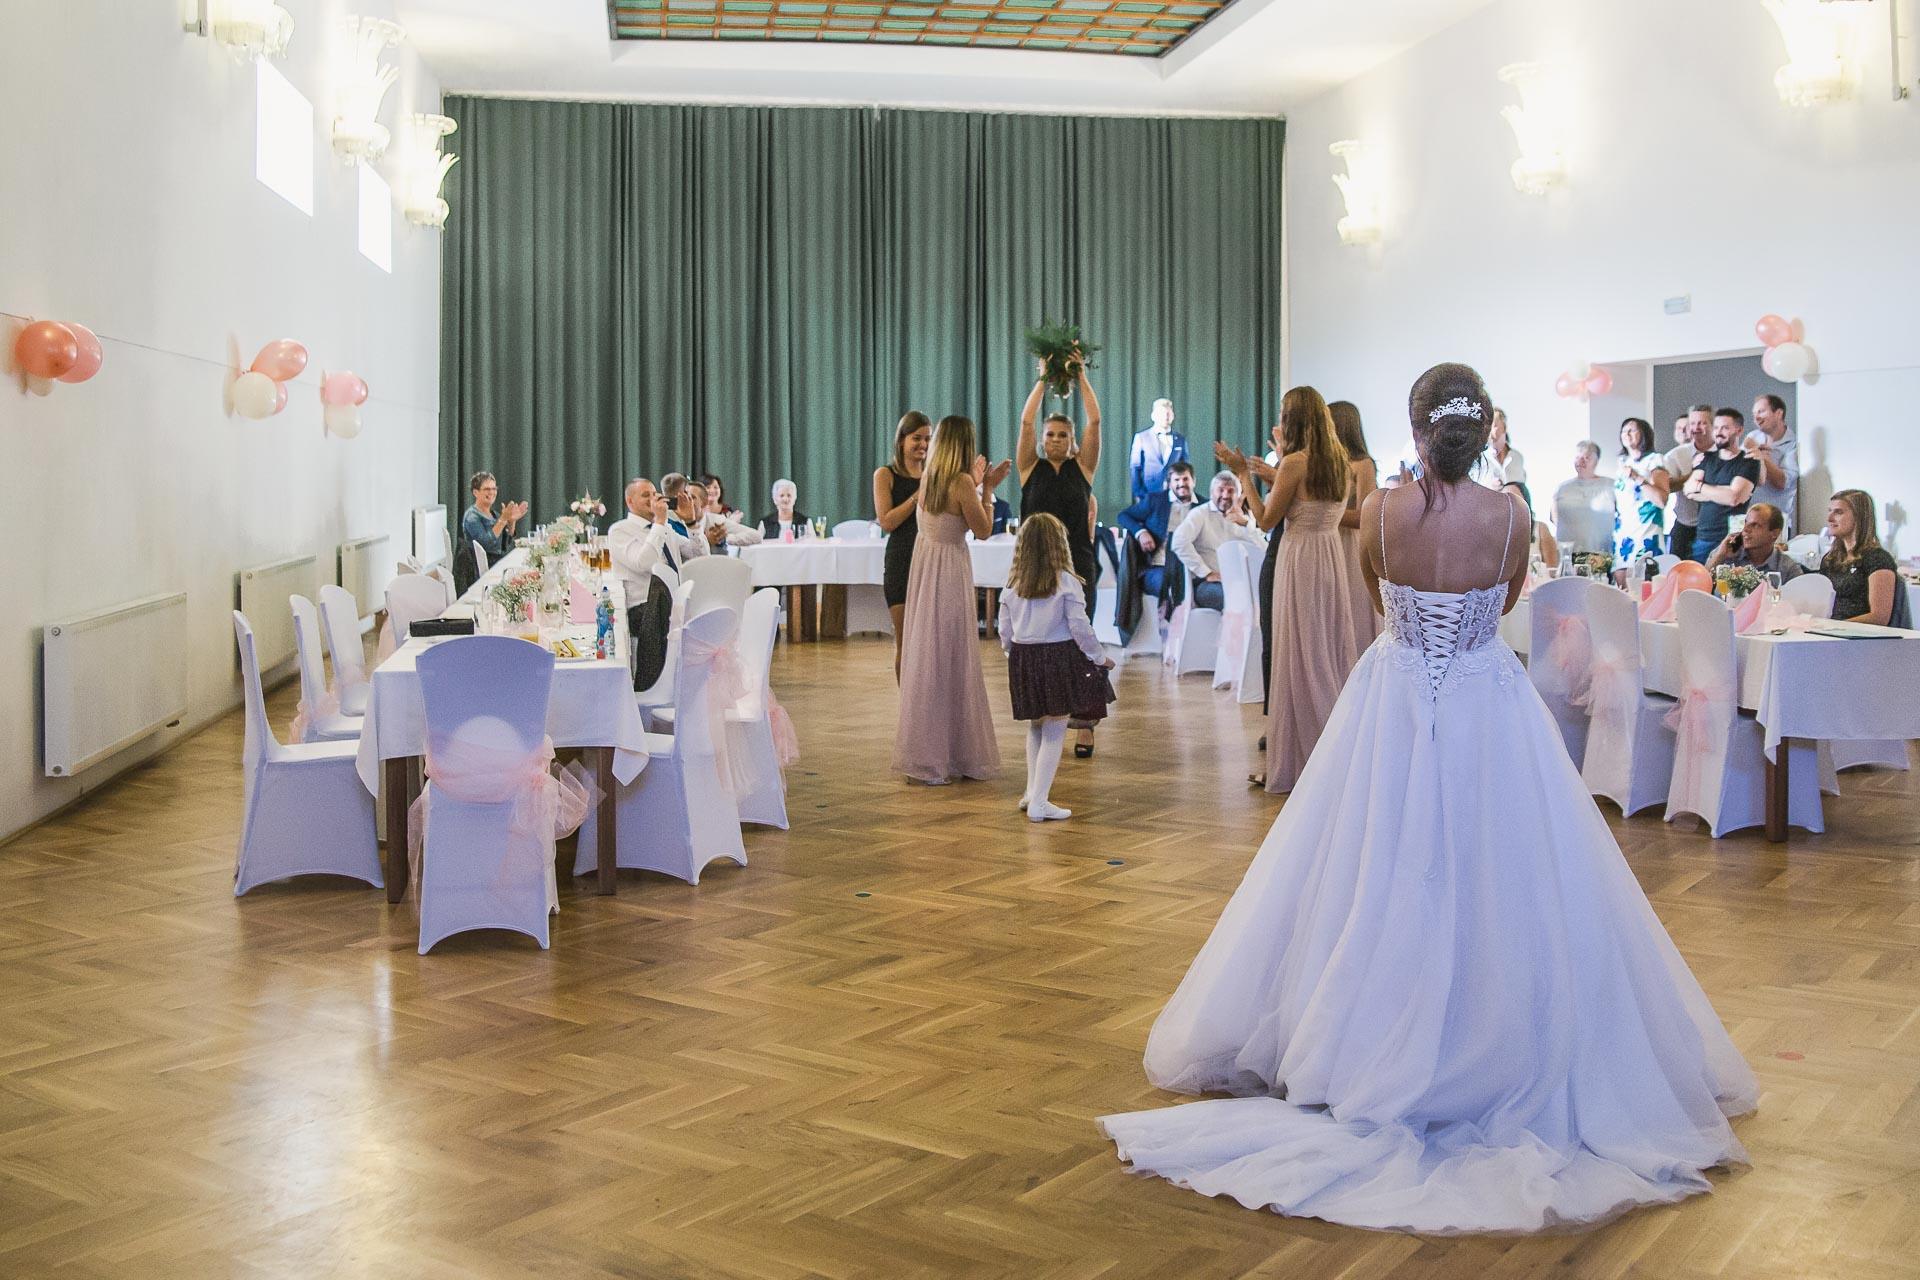 svatební-fotografie-Říp-svatební-video-ŘÍP-svatební-fotograf-ŘÍP-svatba-Mělník-svatba-Neratovice-fotograf-na-savtbu-kameraman-na-svatbu-419